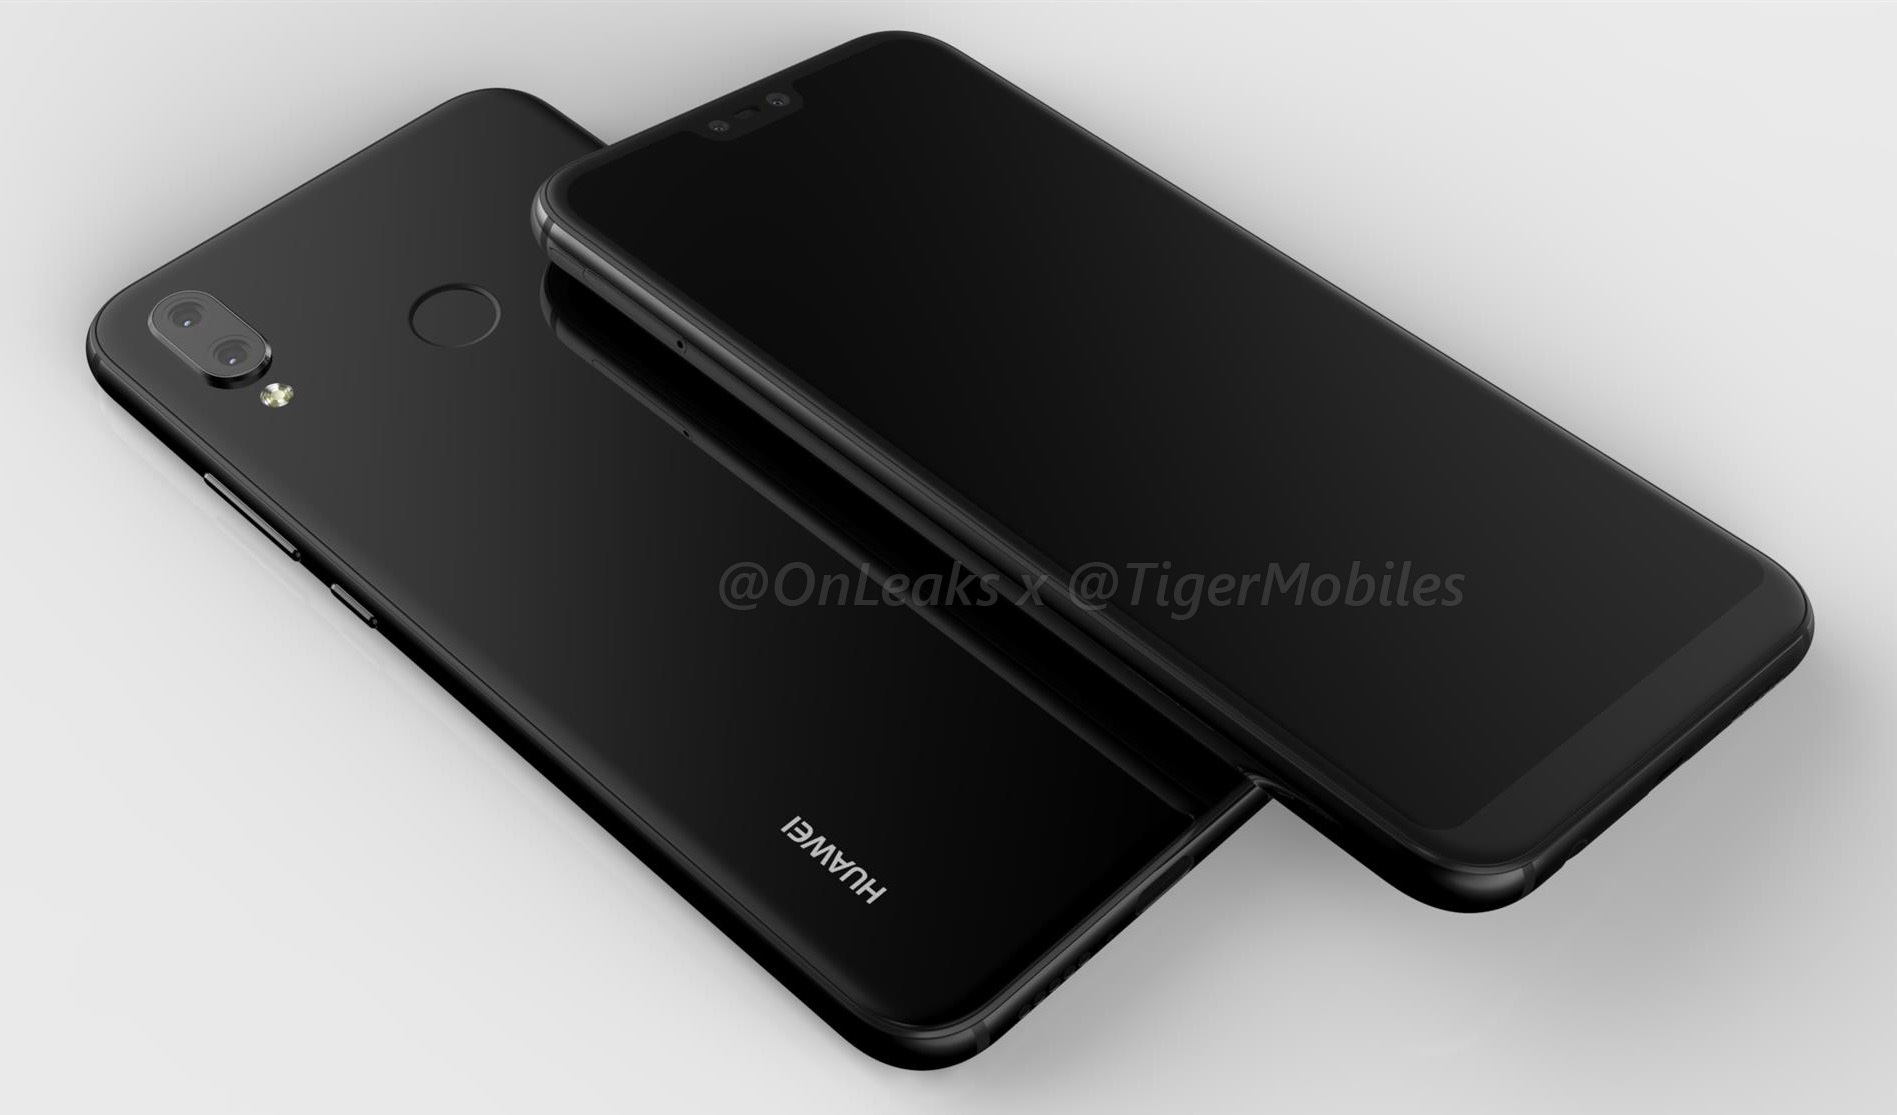 رندرهایی تازه از هواوی پی ۲۰ لایت (Huawei P20 Lite) منتشر شد؛ آیفون X با سیستمعامل اندروید